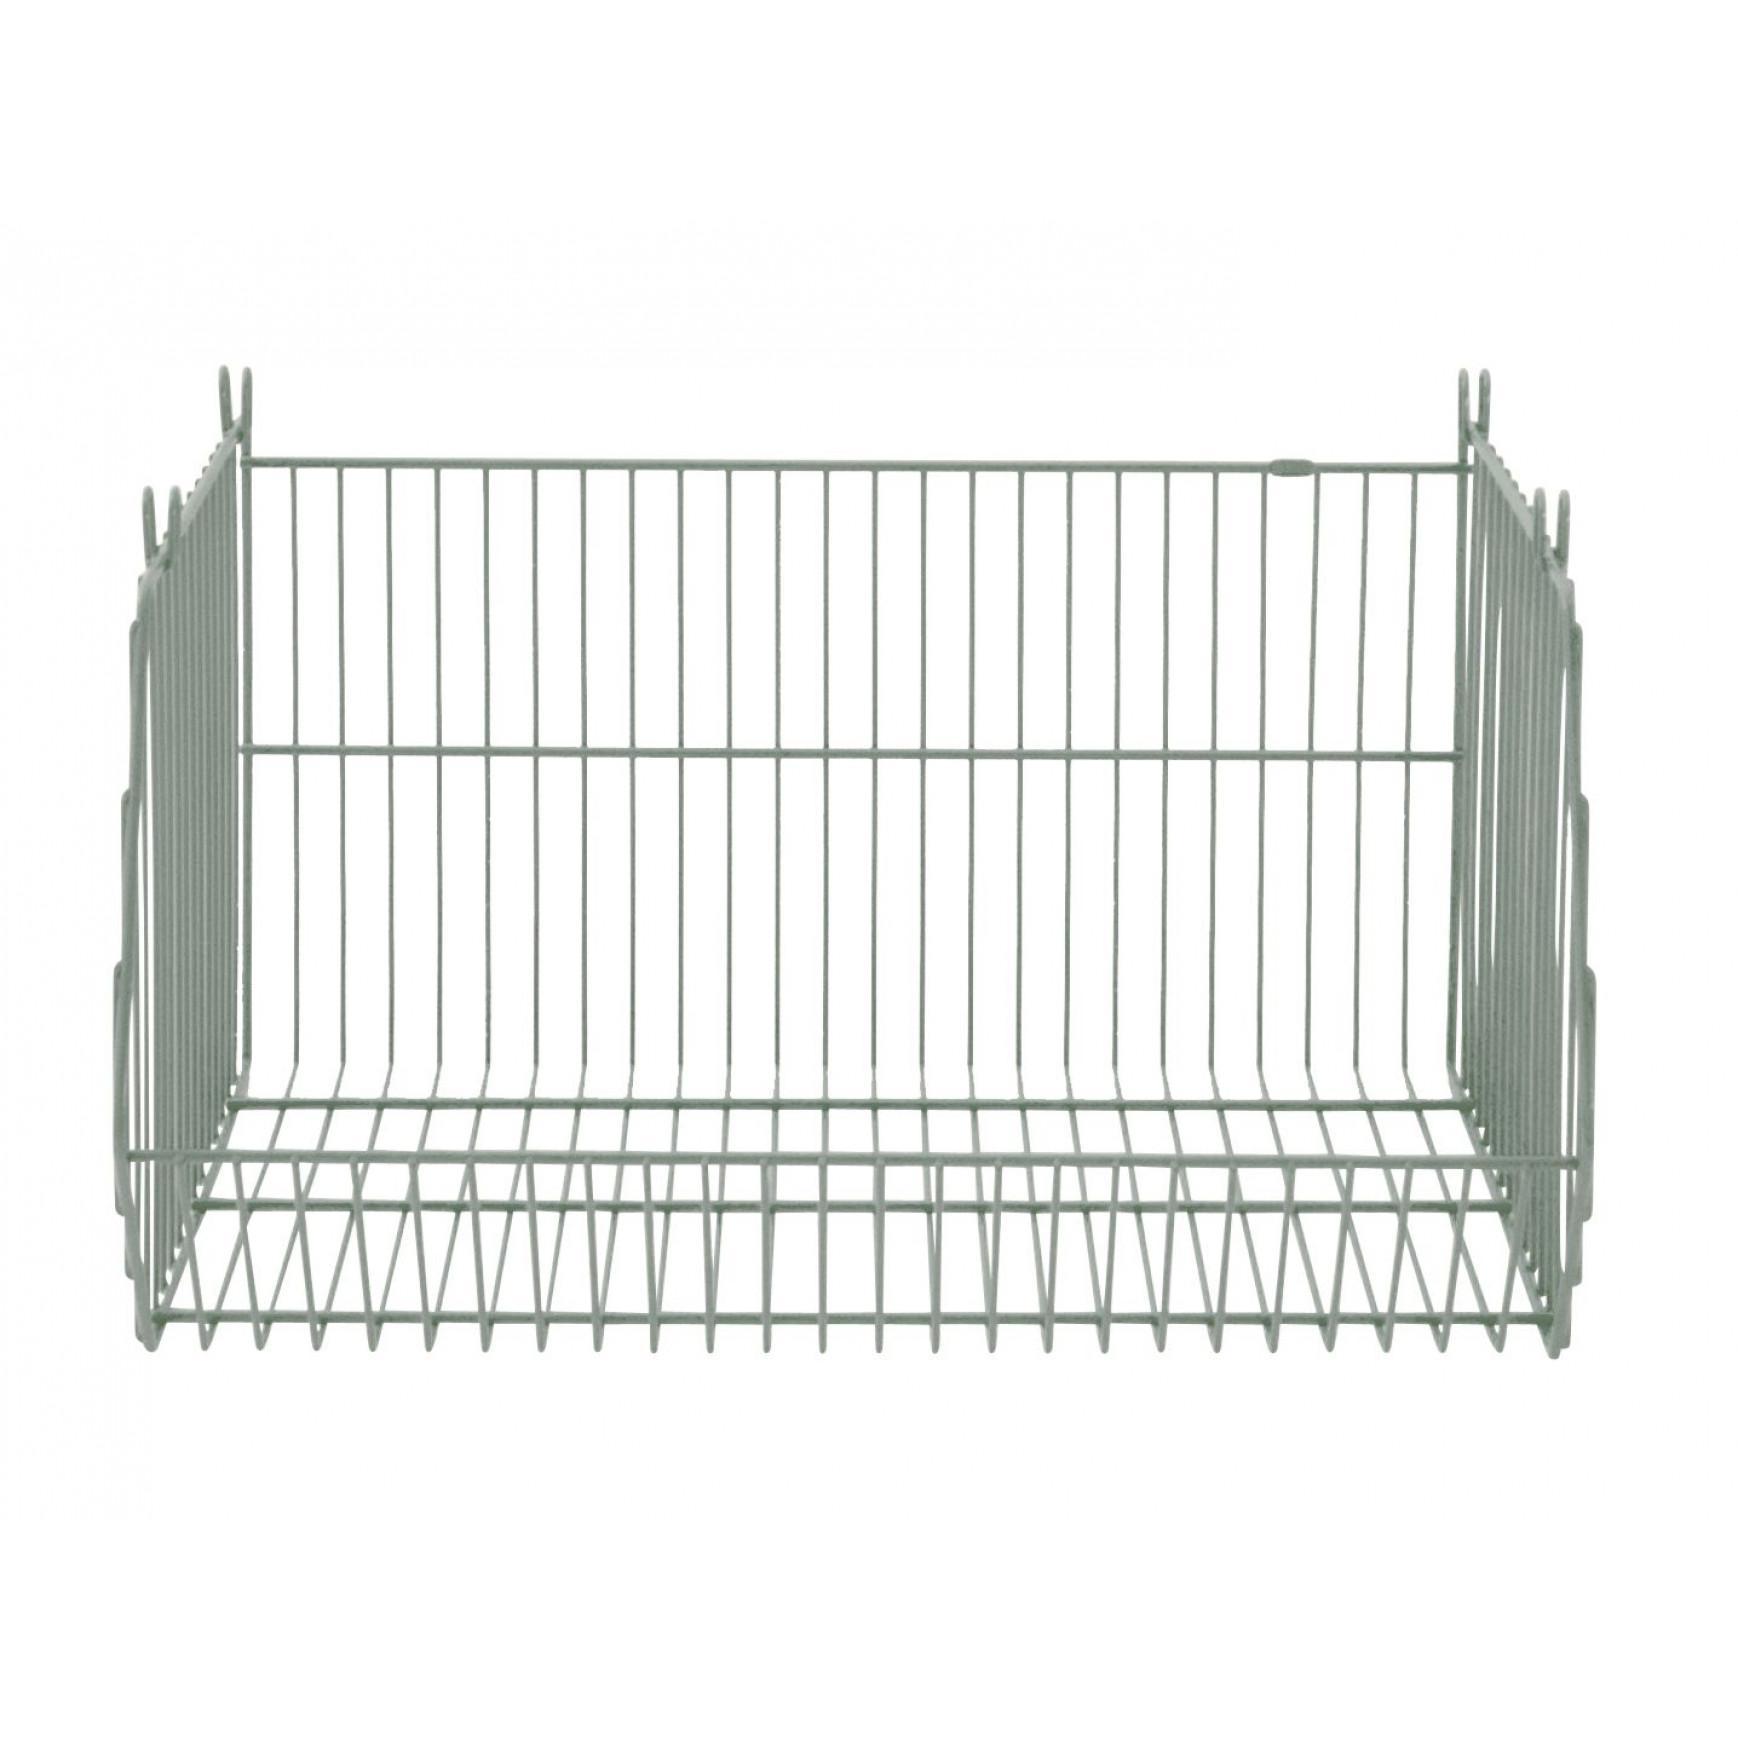 Stackable Storage Basket Living Basket | Grey